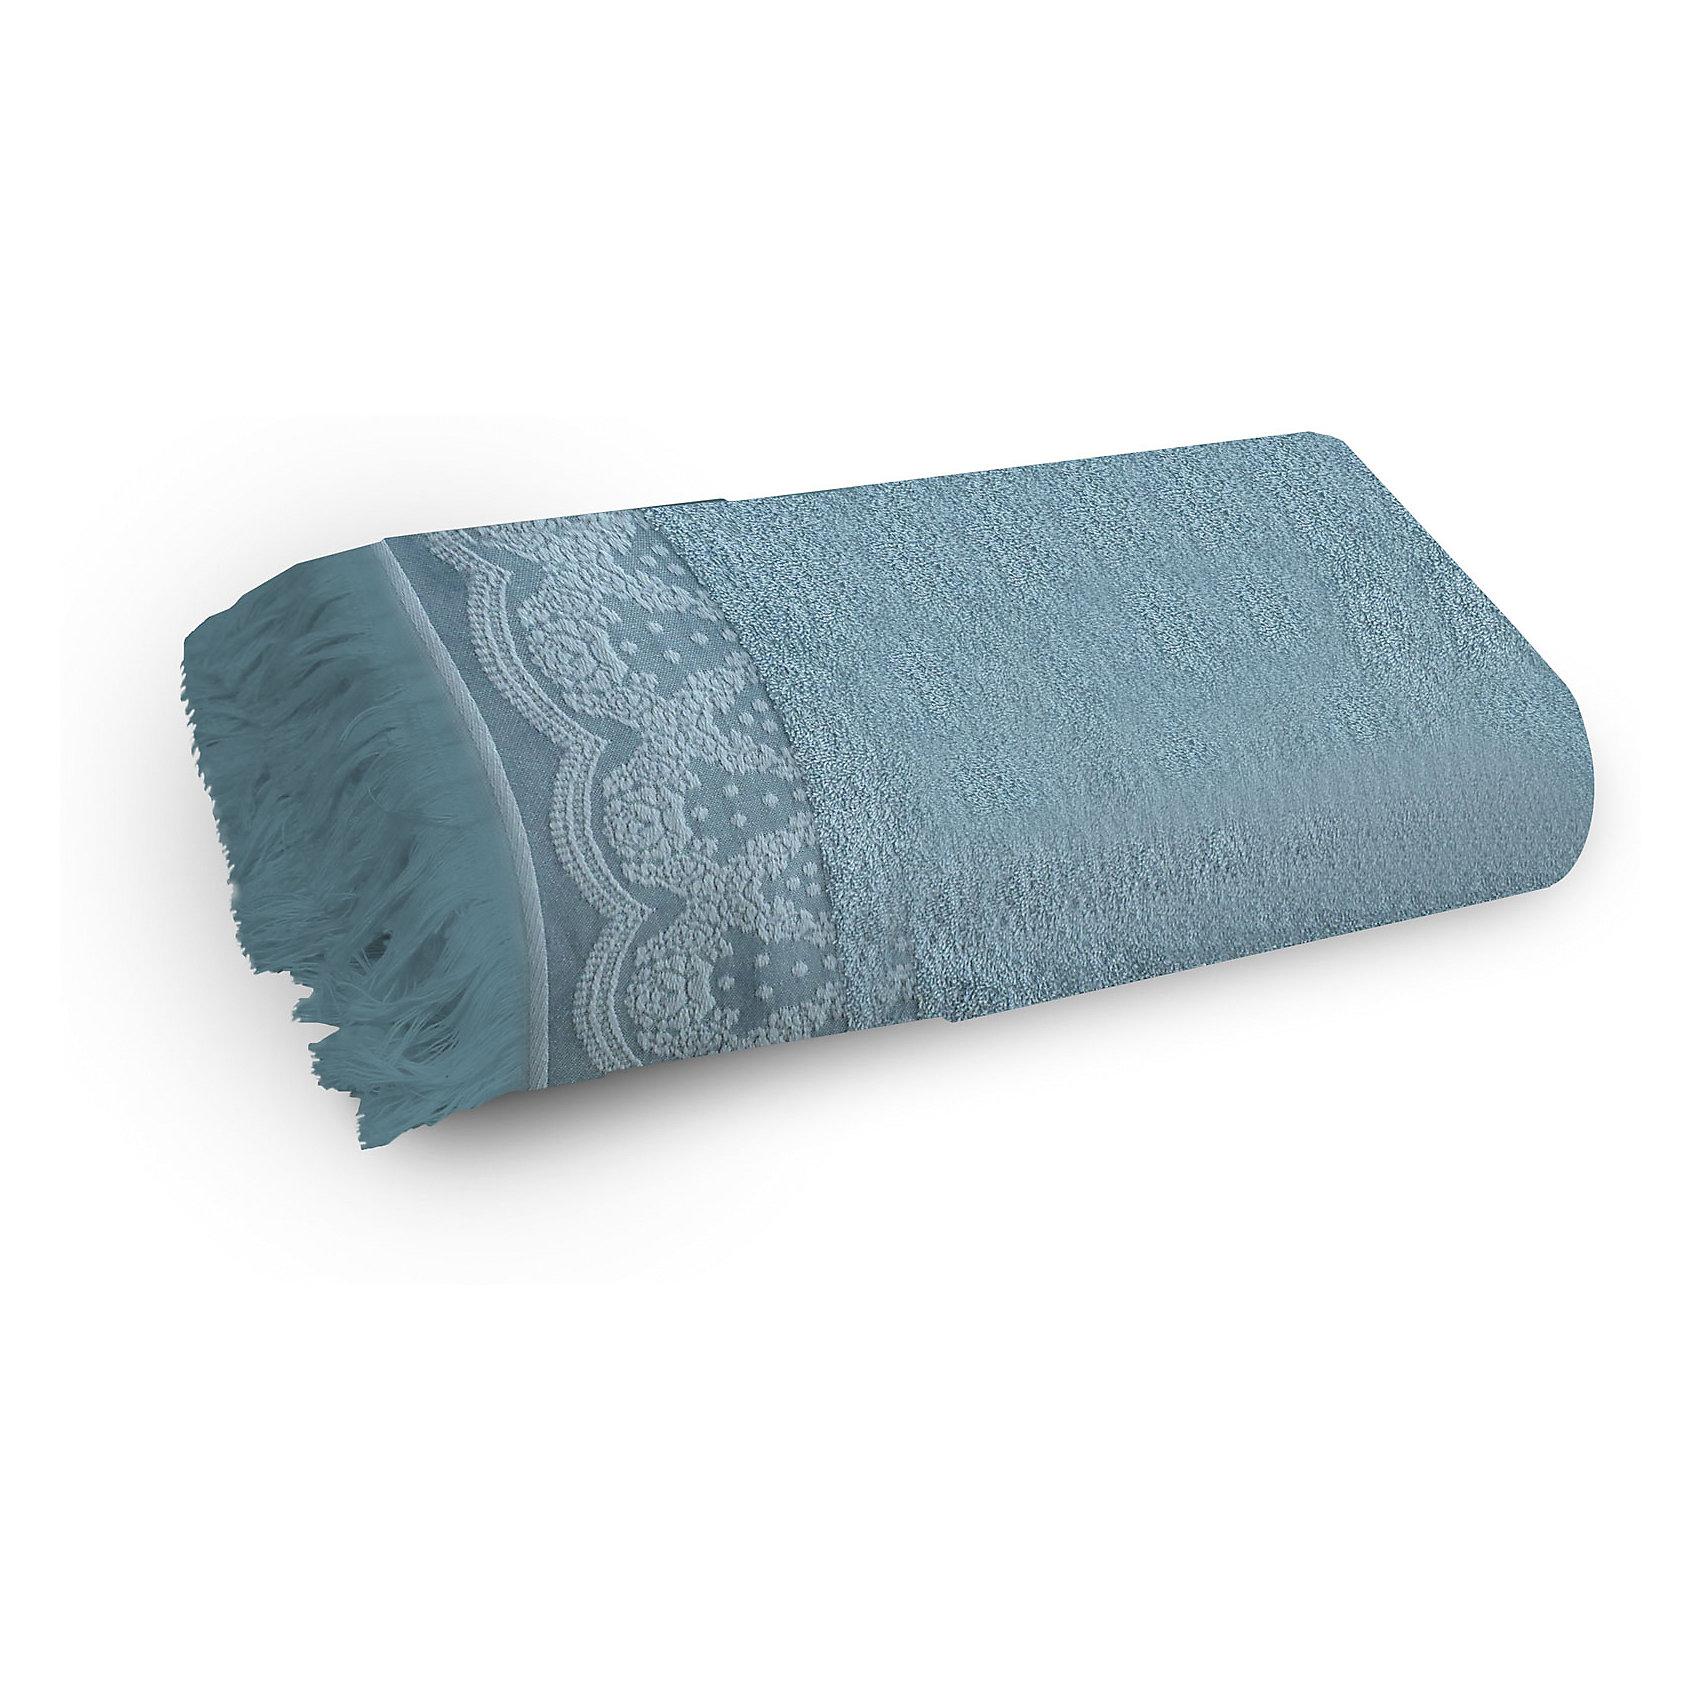 Полотенце махровое 50*90 Белладжио, Cozy Home, голубойВанная комната<br>Полотенце махровое 50*90 Белладжио, Cozy Home (Кози Хоум), голубой<br><br>Характеристики:<br><br>• декорировано бахромой и вышивкой<br>• хорошо впитывает влагу<br>• изысканный дизайн<br>• материал: хлопок<br>• размер: 50х90 см<br>• цвет: голубой<br><br>Махровое полотенце Белладжио имеет изысканный дизайн с приятными элементами декора. Полотенце дополнено красивым узором в итальянском стиле и бахромой по краю. Изделие выполнено из натурального хлопка. Полотенца из хлопка хорошо впитывают влагу, обладают антибактериальными свойствами и не вызывают раздражения на коже. Также, вы можете быть уверены, что полотенце не изменится в размере и не потеряет свой цвет после многочисленных стирок. Приятный цвет полотенца отлично подойдет к любой ванной комнате.<br><br>Полотенце махровое 50*90 Белладжио, Cozy Home (Кози Хоум), голубой вы можете купить в нашем интернет-магазине.<br><br>Ширина мм: 150<br>Глубина мм: 250<br>Высота мм: 150<br>Вес г: 250<br>Возраст от месяцев: 0<br>Возраст до месяцев: 216<br>Пол: Унисекс<br>Возраст: Детский<br>SKU: 5355281